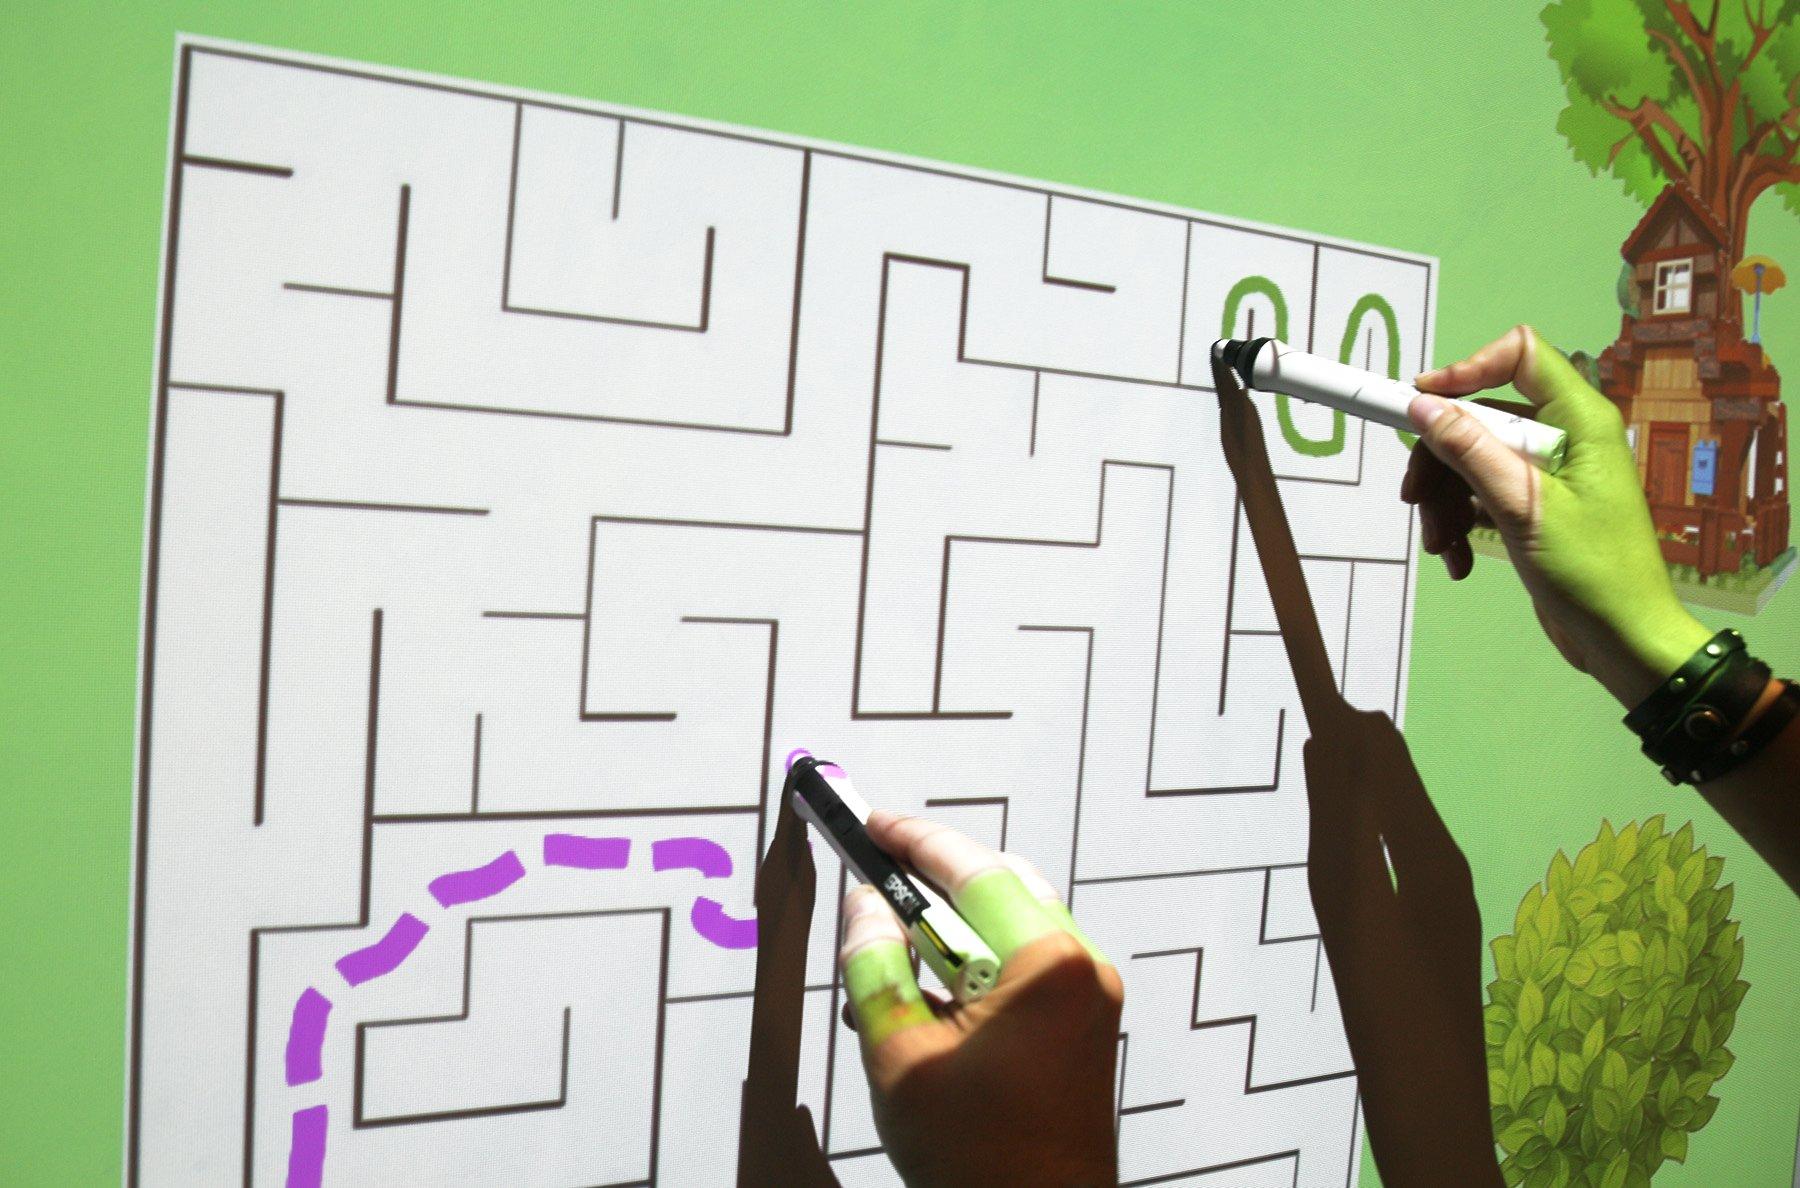 Интерактивному проектору – интерактивный софт! Часть первая: встроенное ПО и основные возможности - 1